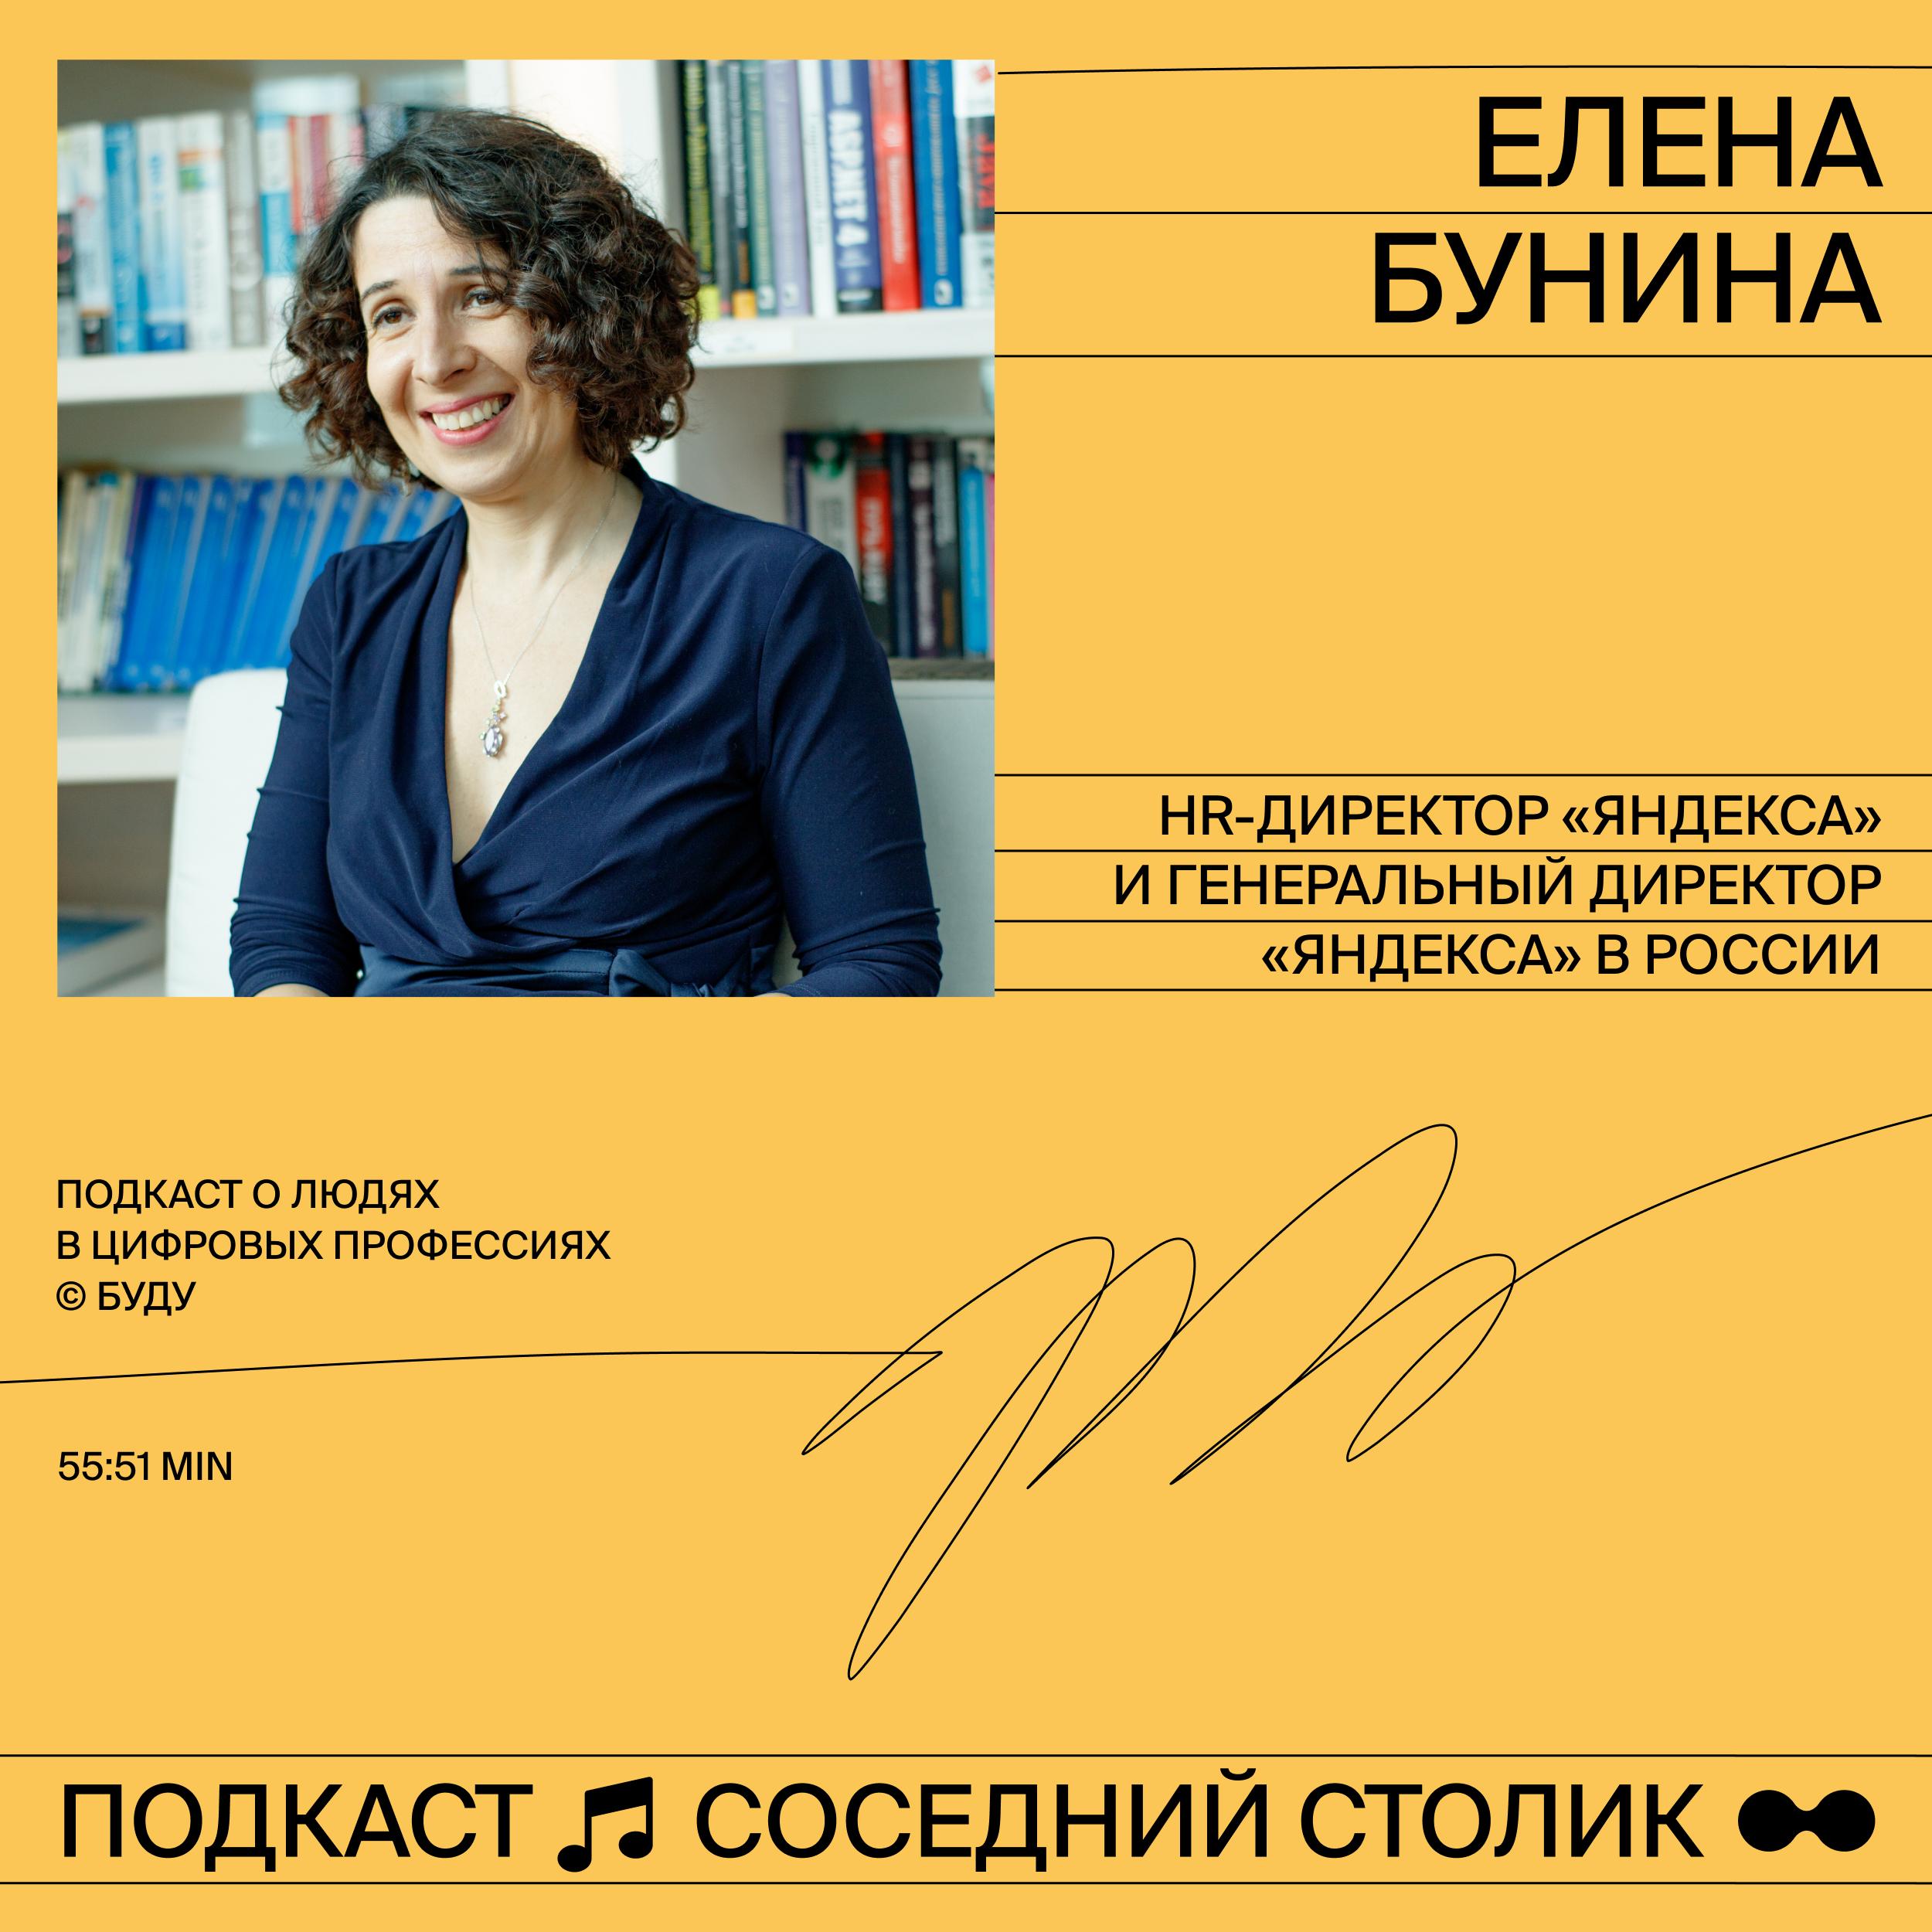 Елена Бунина, Яндекс: культура ошибок, онбординг на удалёнке и образование через 10 лет